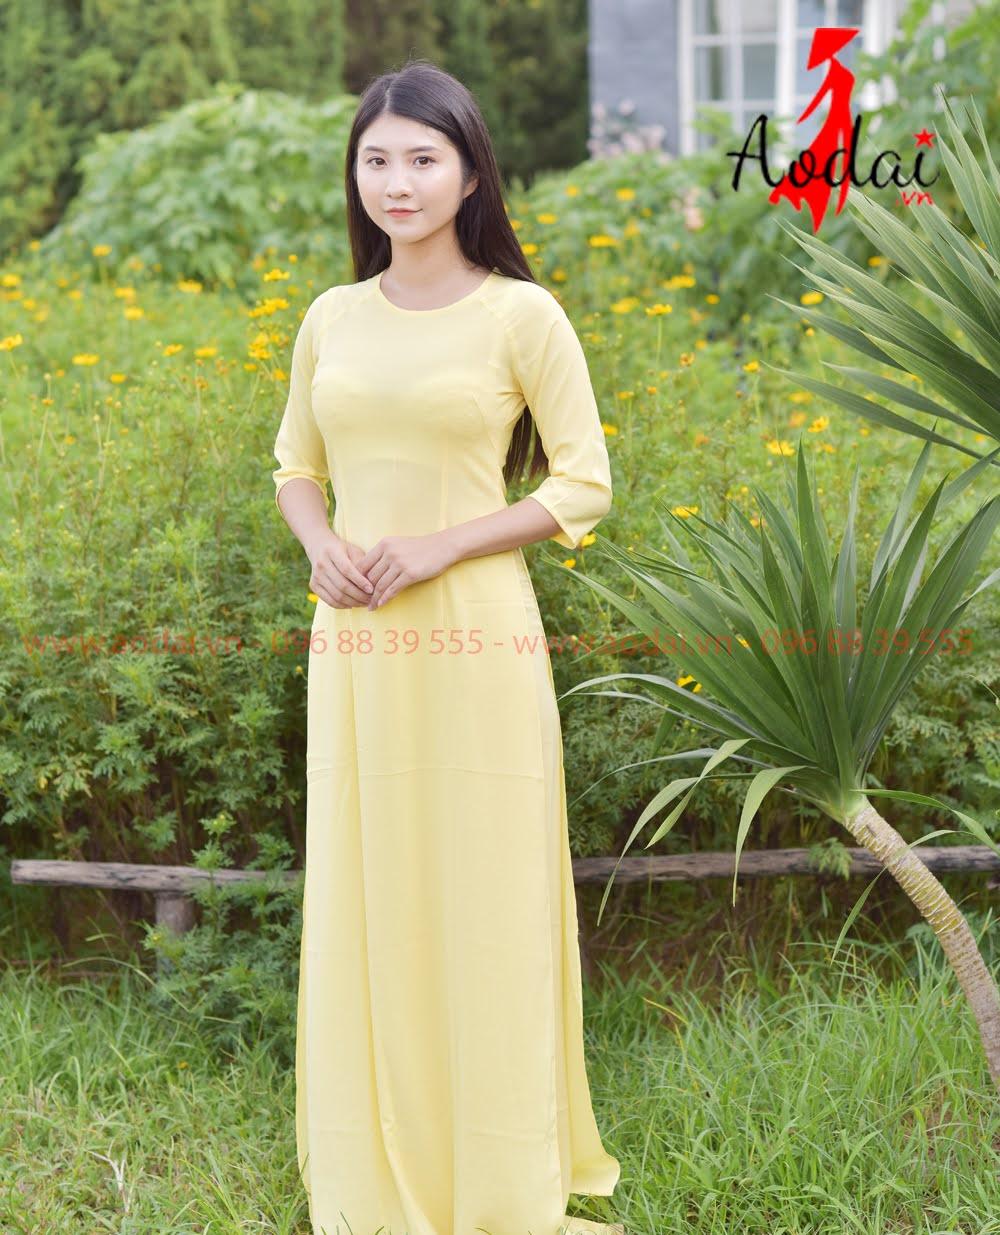 Áo Dài Nữ cổ tròn mầu Vàng Mơ